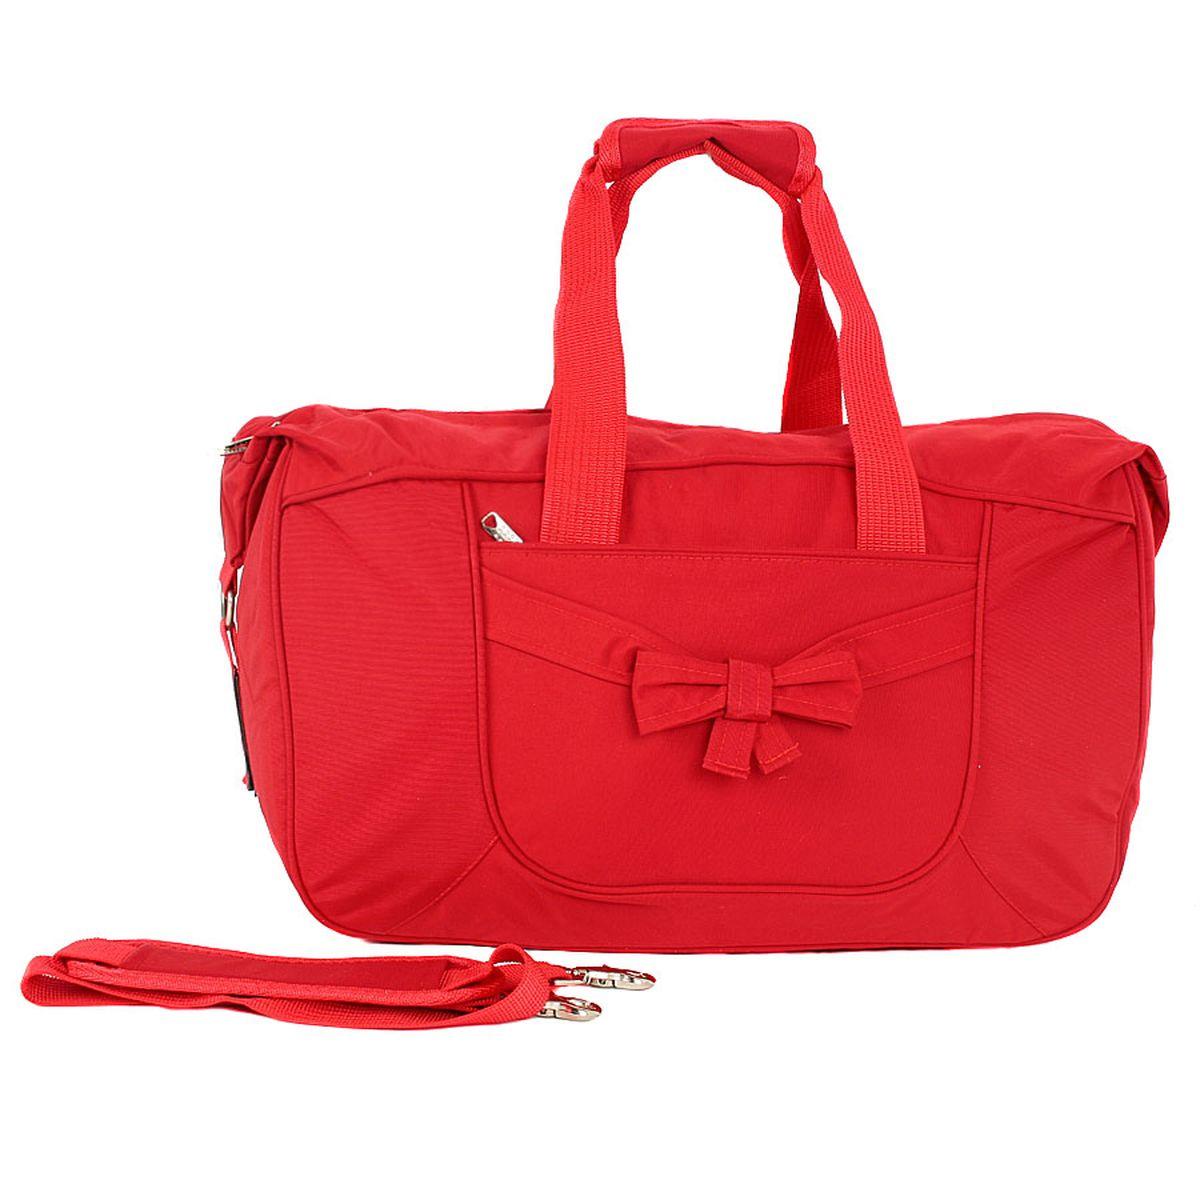 Сумка спортивная Polar, цвет: красный, 23,5 л. 59875987_красныйМатериал – полиэстер с водоотталкивающей пропиткой. Вместительная спортивная сумка среднего размера. Одно отделение. Карман на передней части. В комплект входит съемный плечевой ремень. Эта сумка идеально подойдет для спорта и отдыха. Спортивная сумка для ваших вещей.